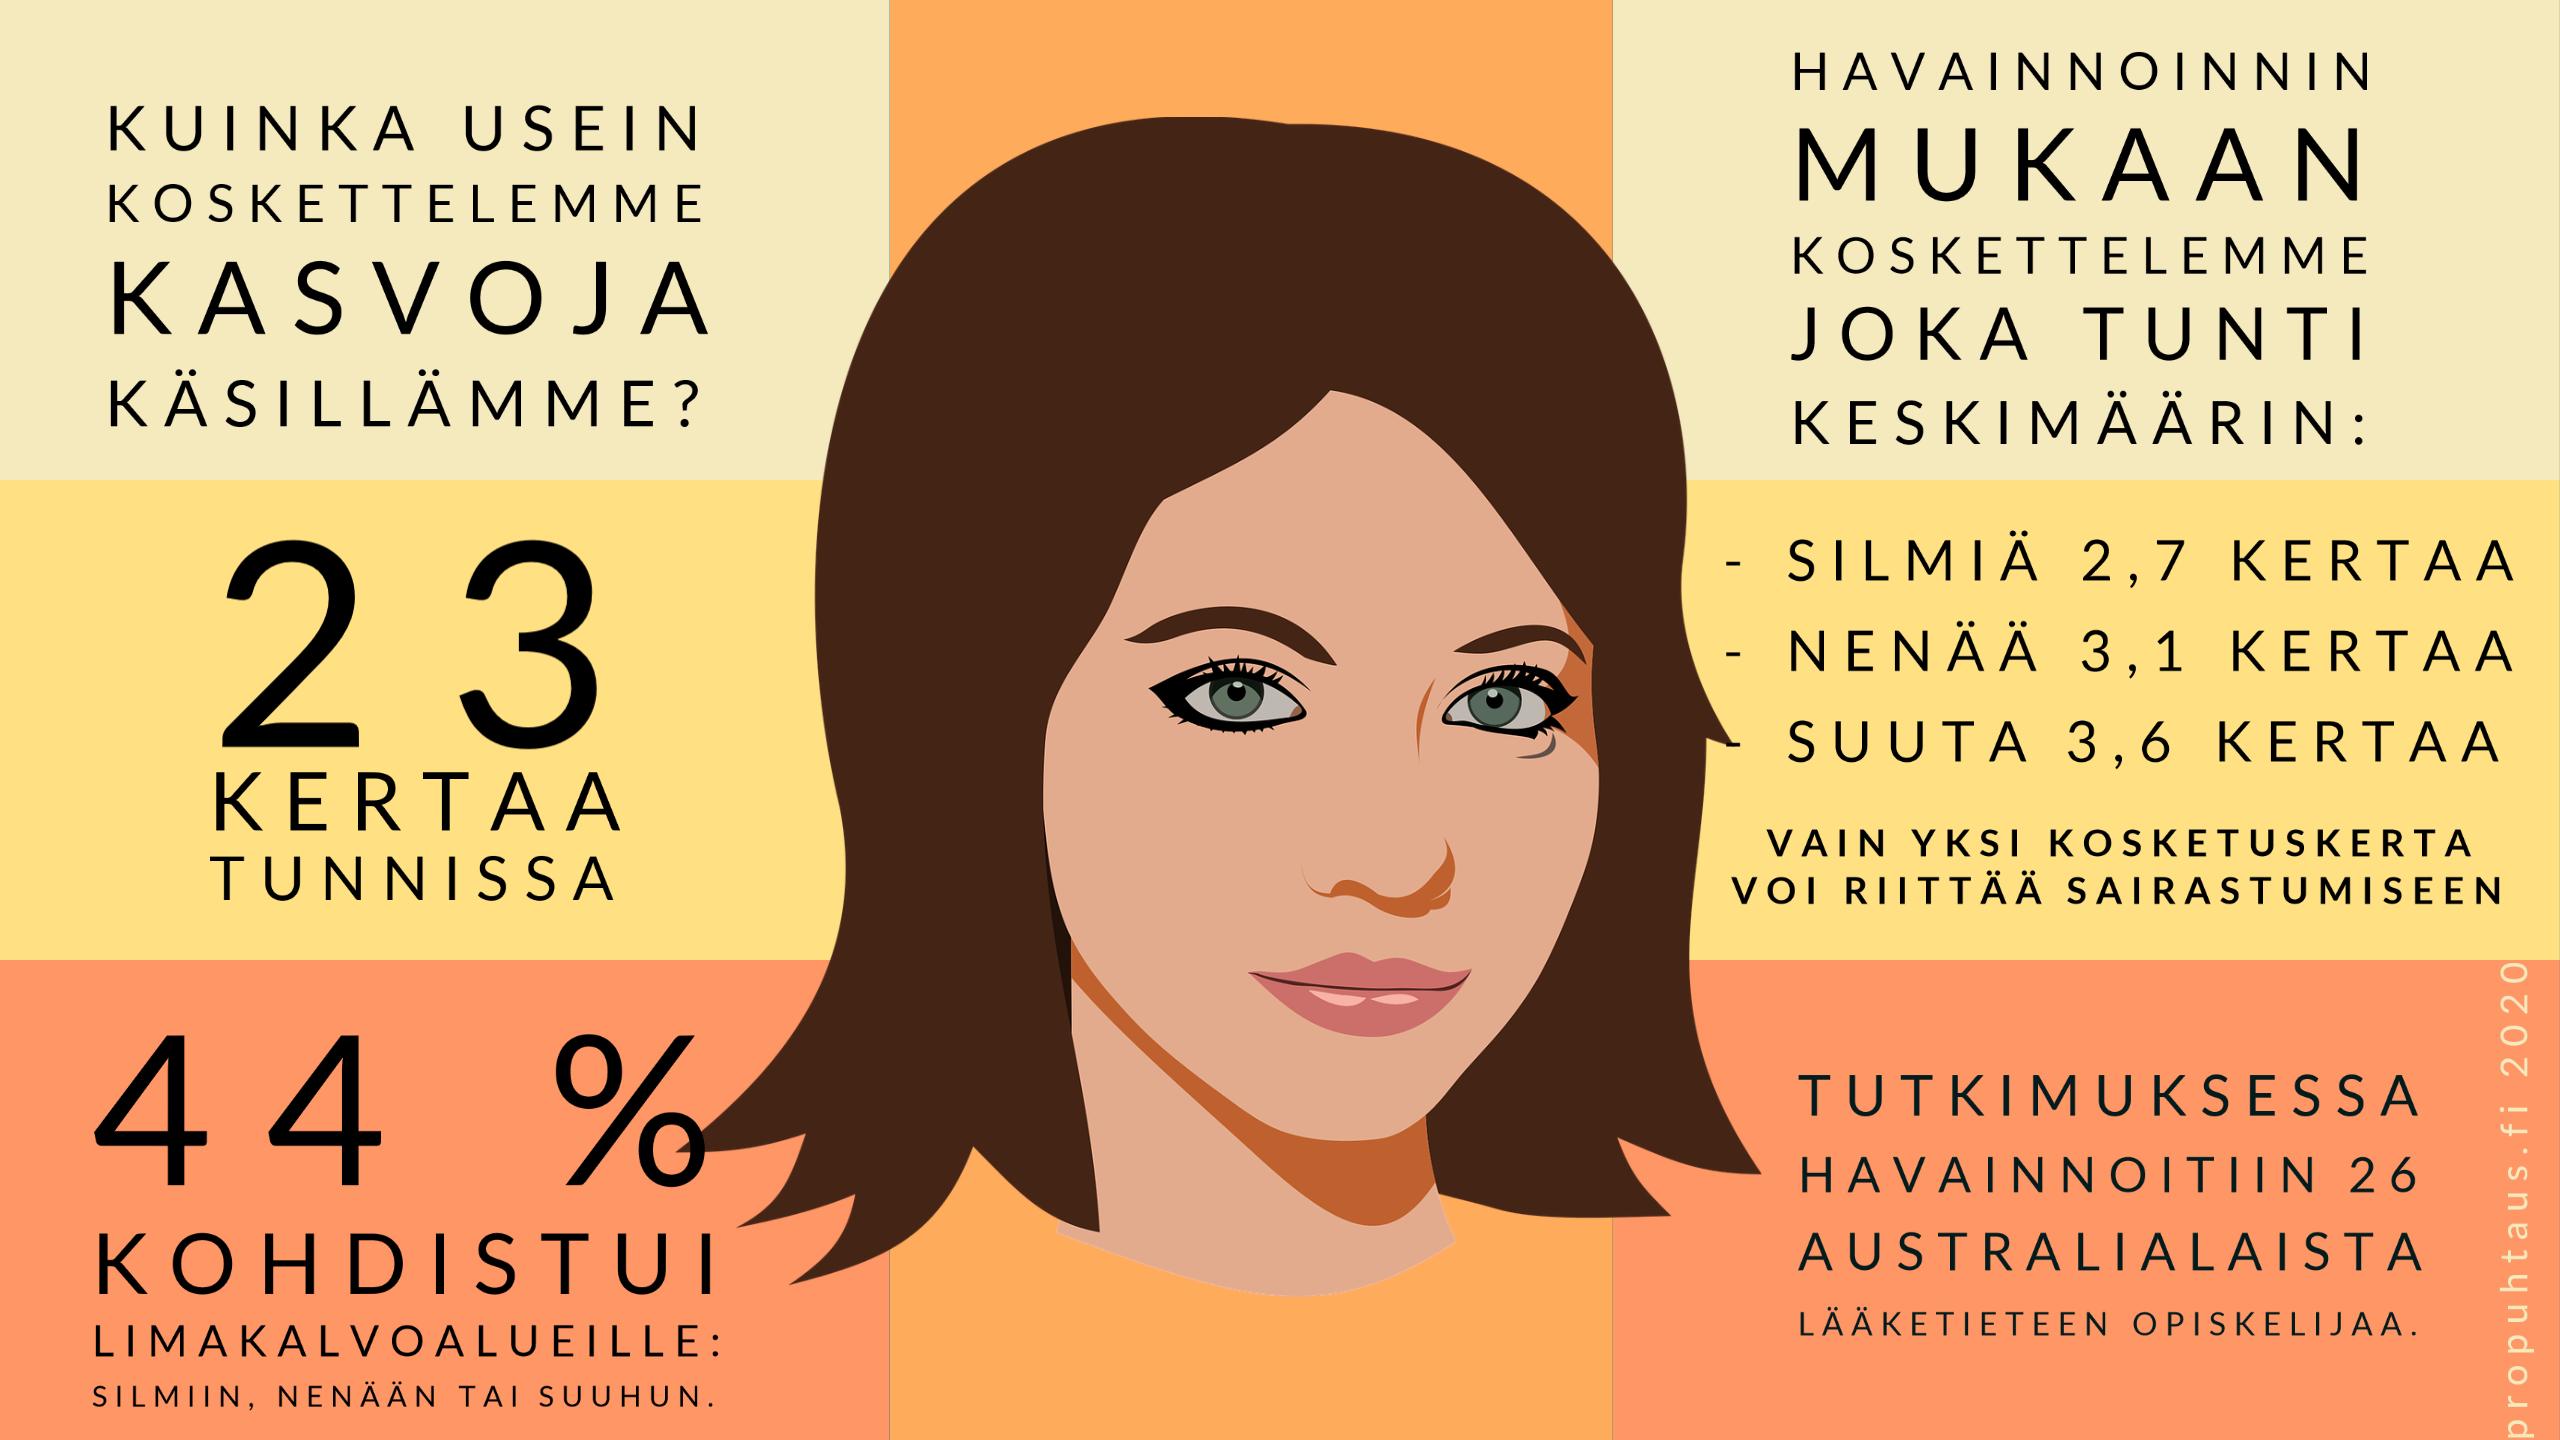 Infograafi, jossa koottu tietoa siitä, kuinka usein kosketamme kasvojamme.